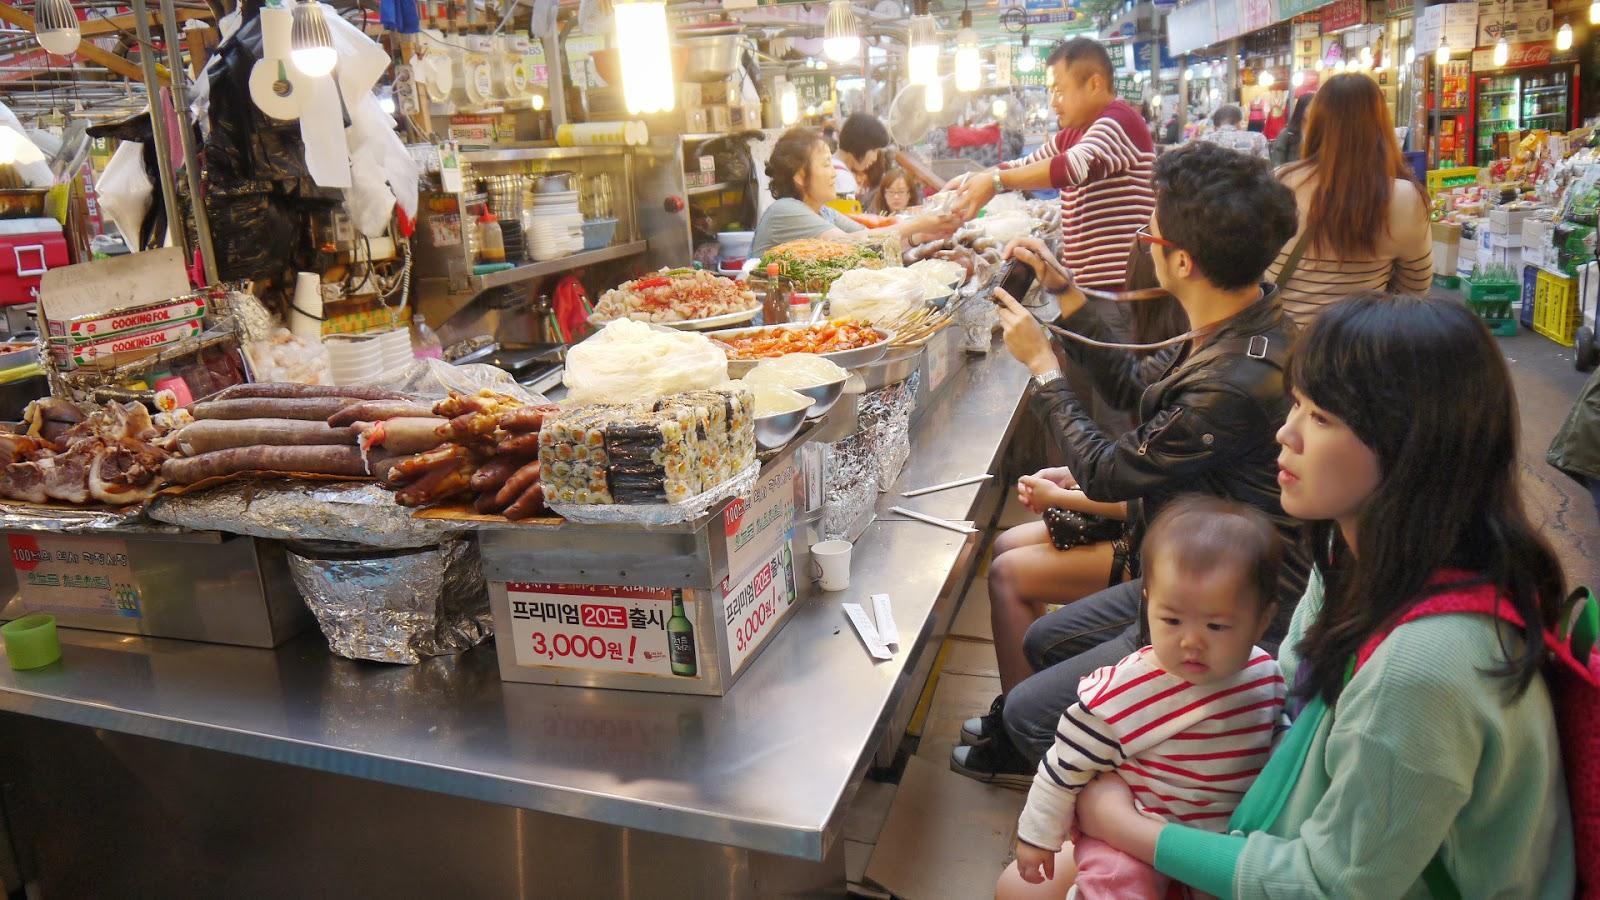 廣藏市場不推小吃攤